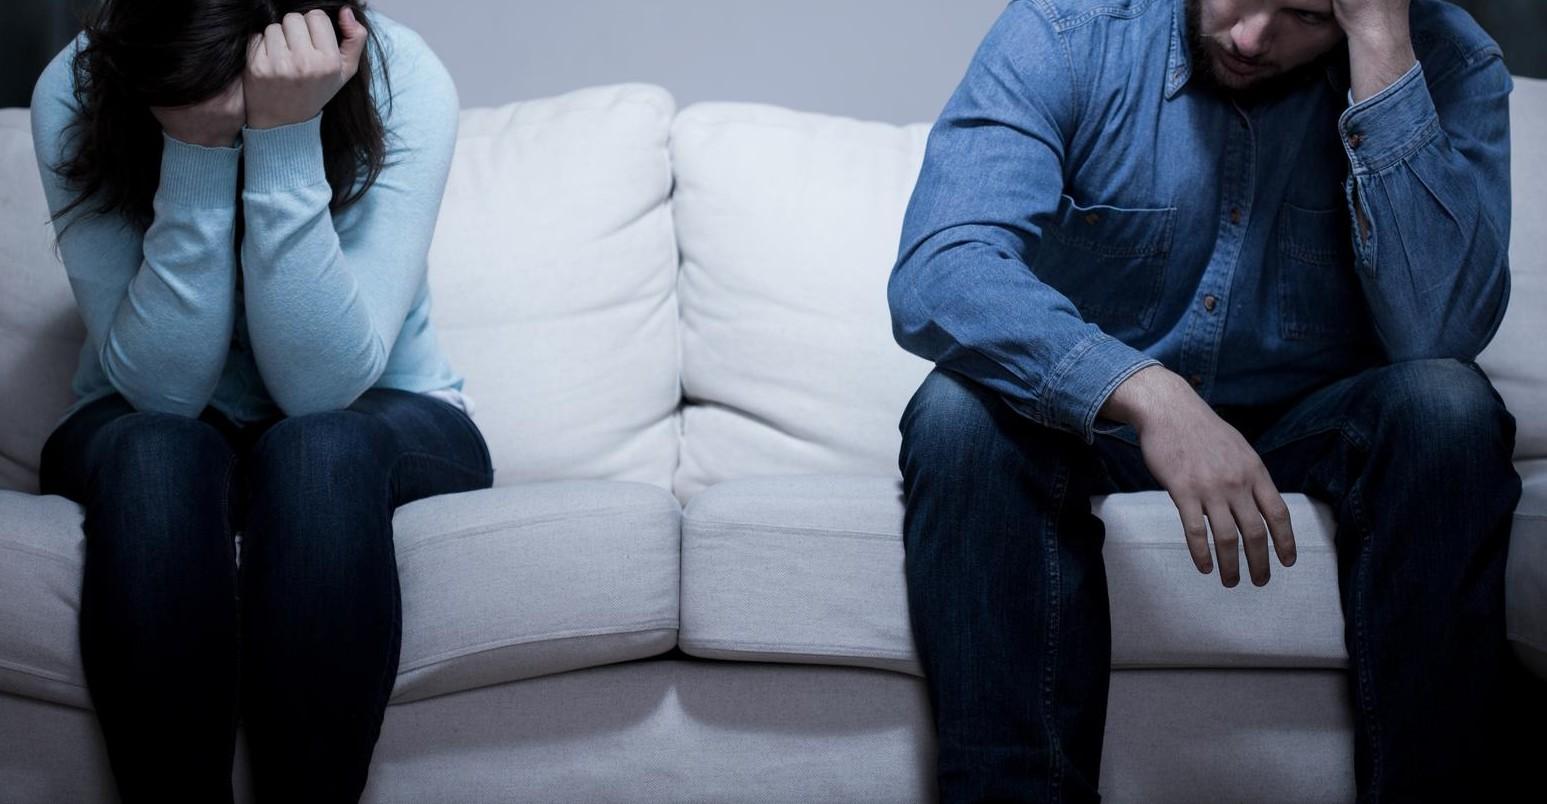 Comment éviter le divorce ?